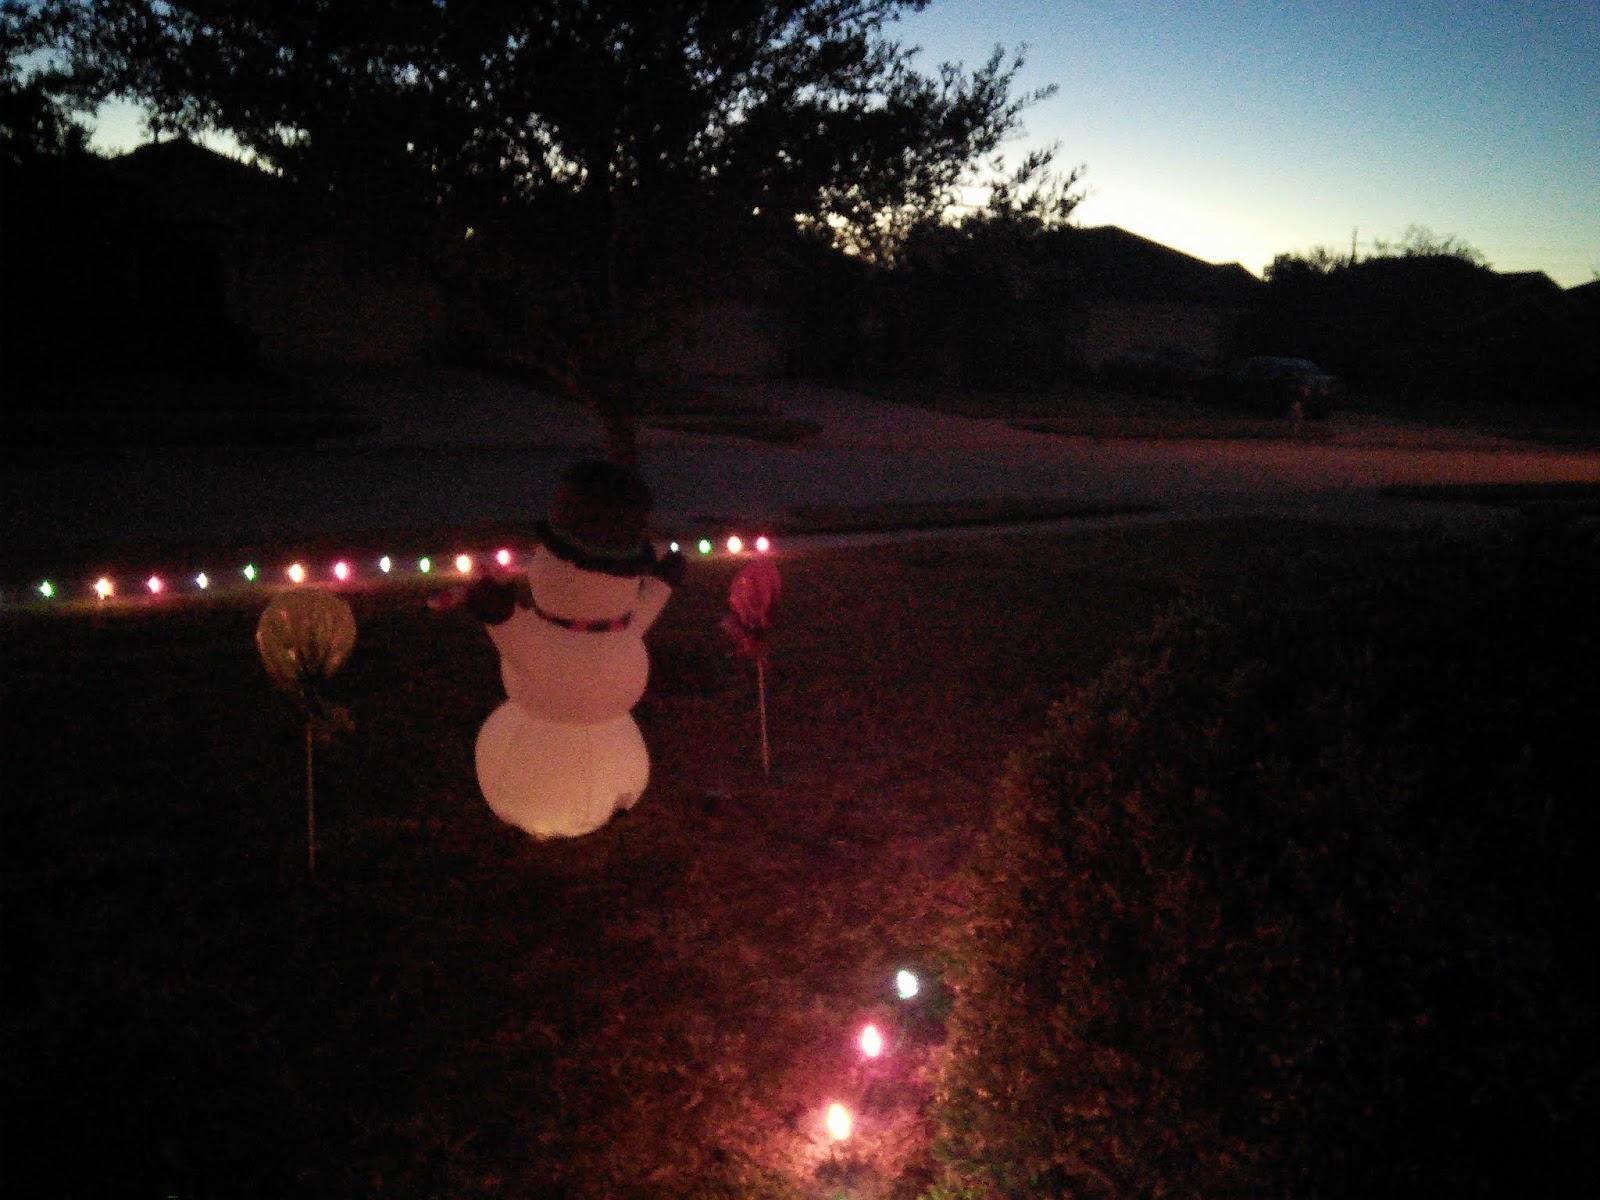 Christmastime - IMG_20141128_175321.jpg